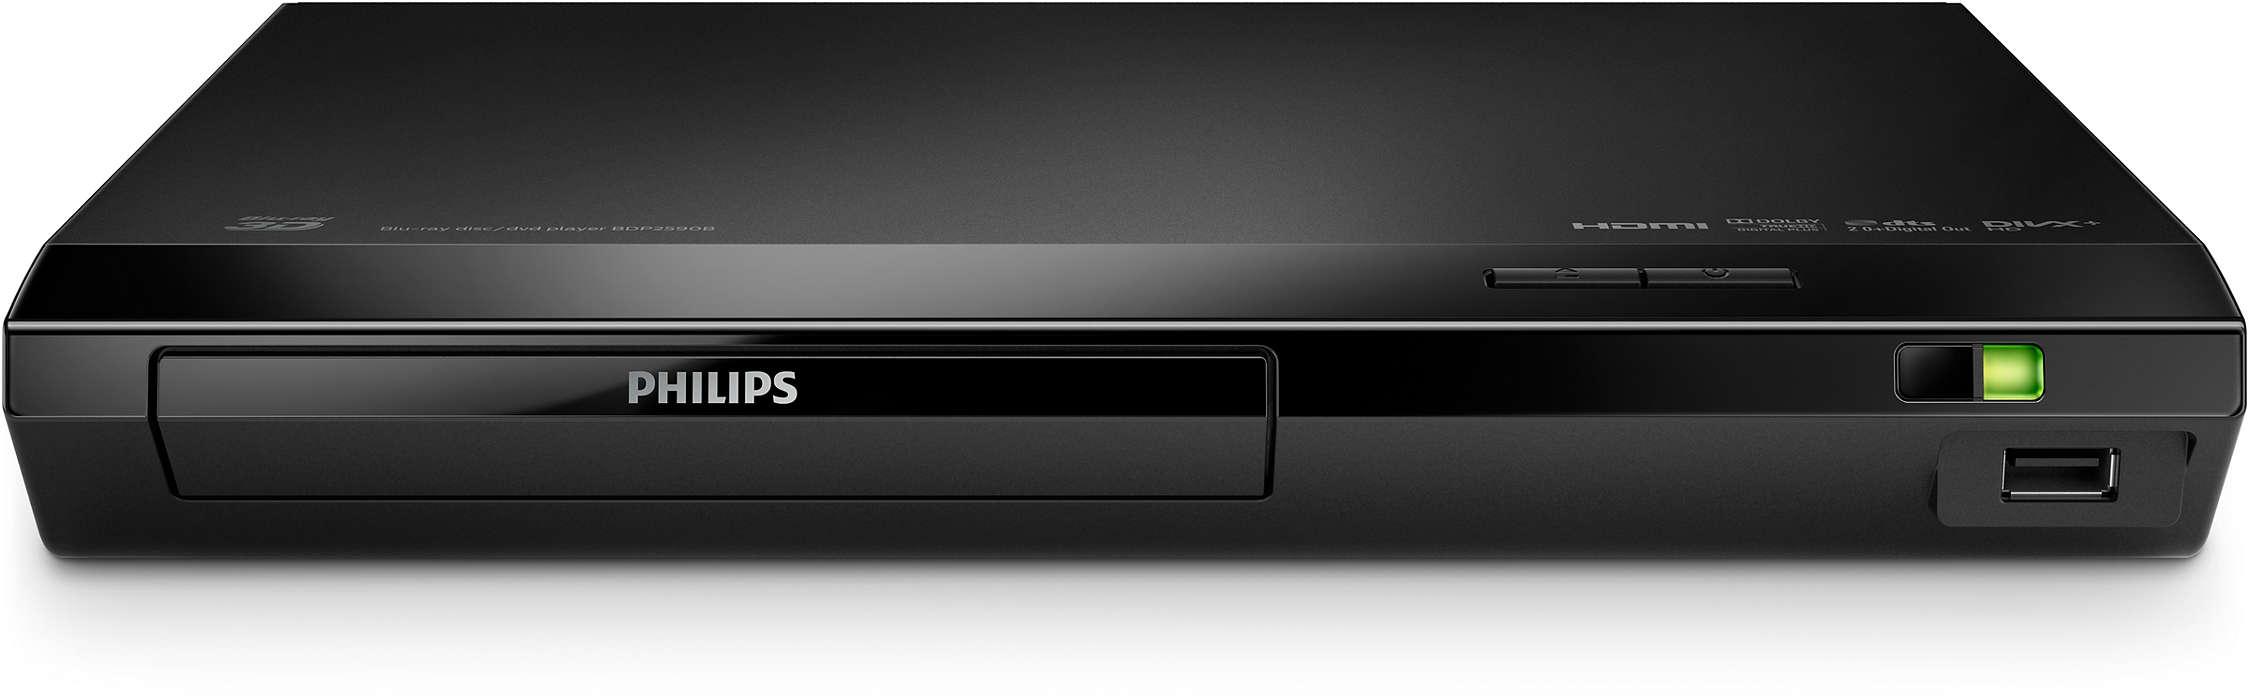 Най-бързият Blu-ray плейър на Philips досега